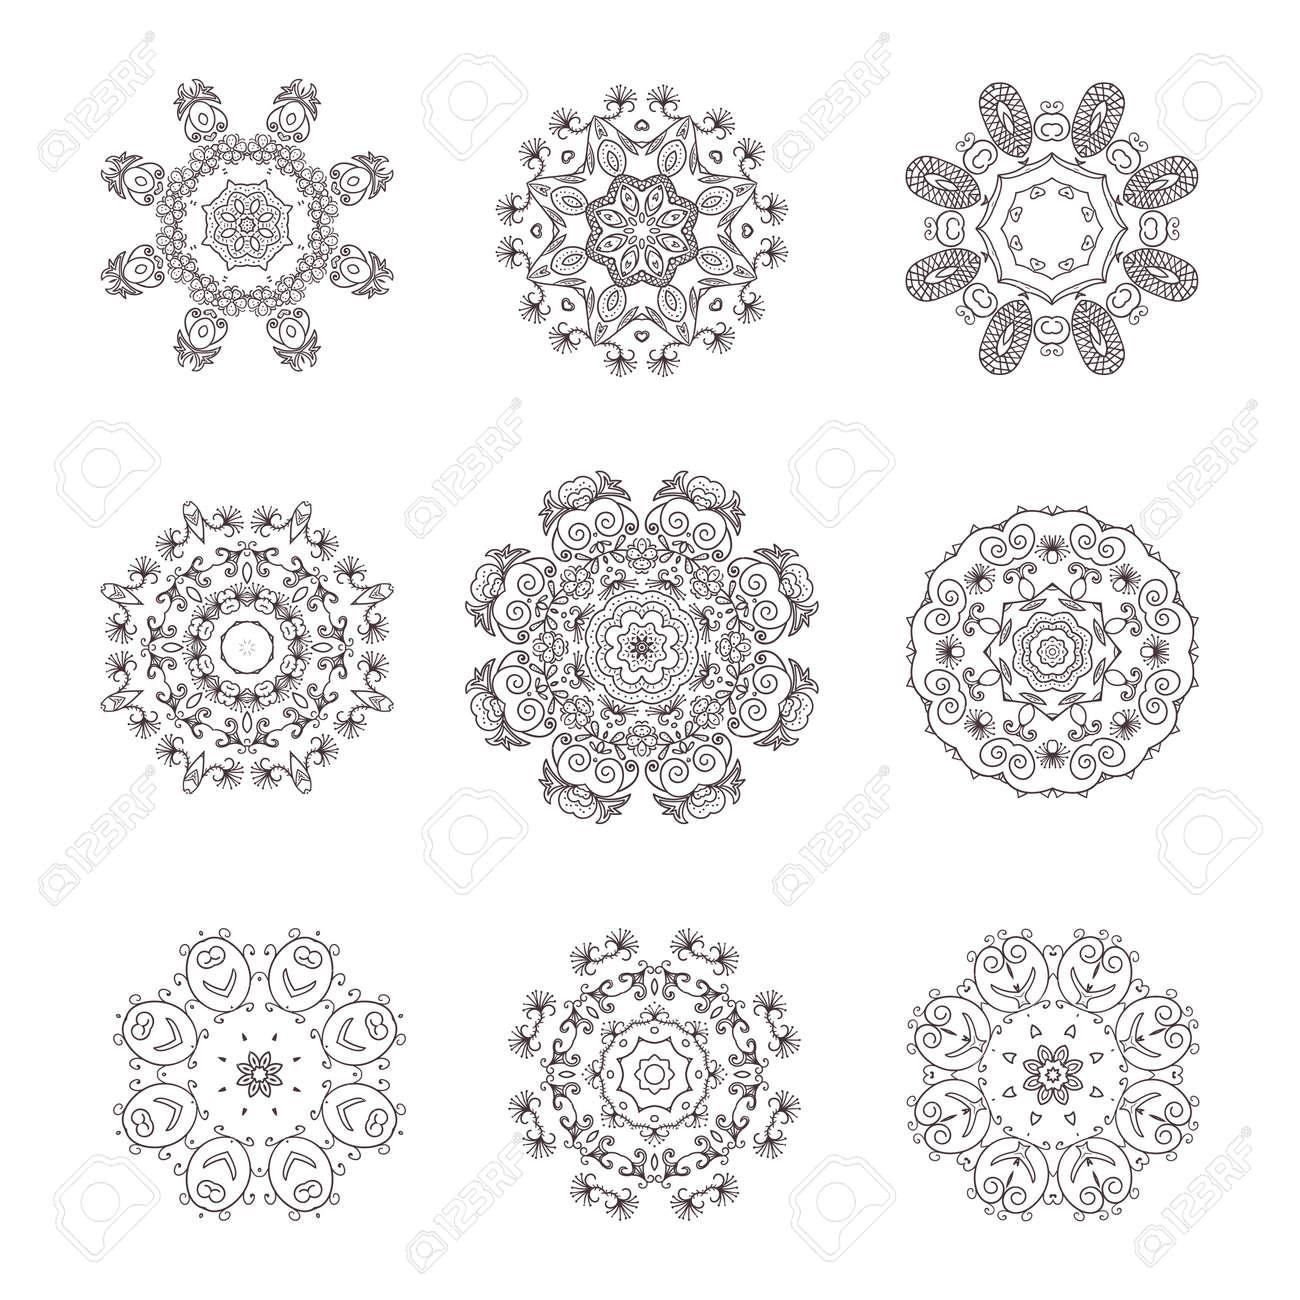 1fc6ddf450a97 Colección de elementos decorativos redondos. Mandala. Ilustración de vector  dibujado a mano. Foto